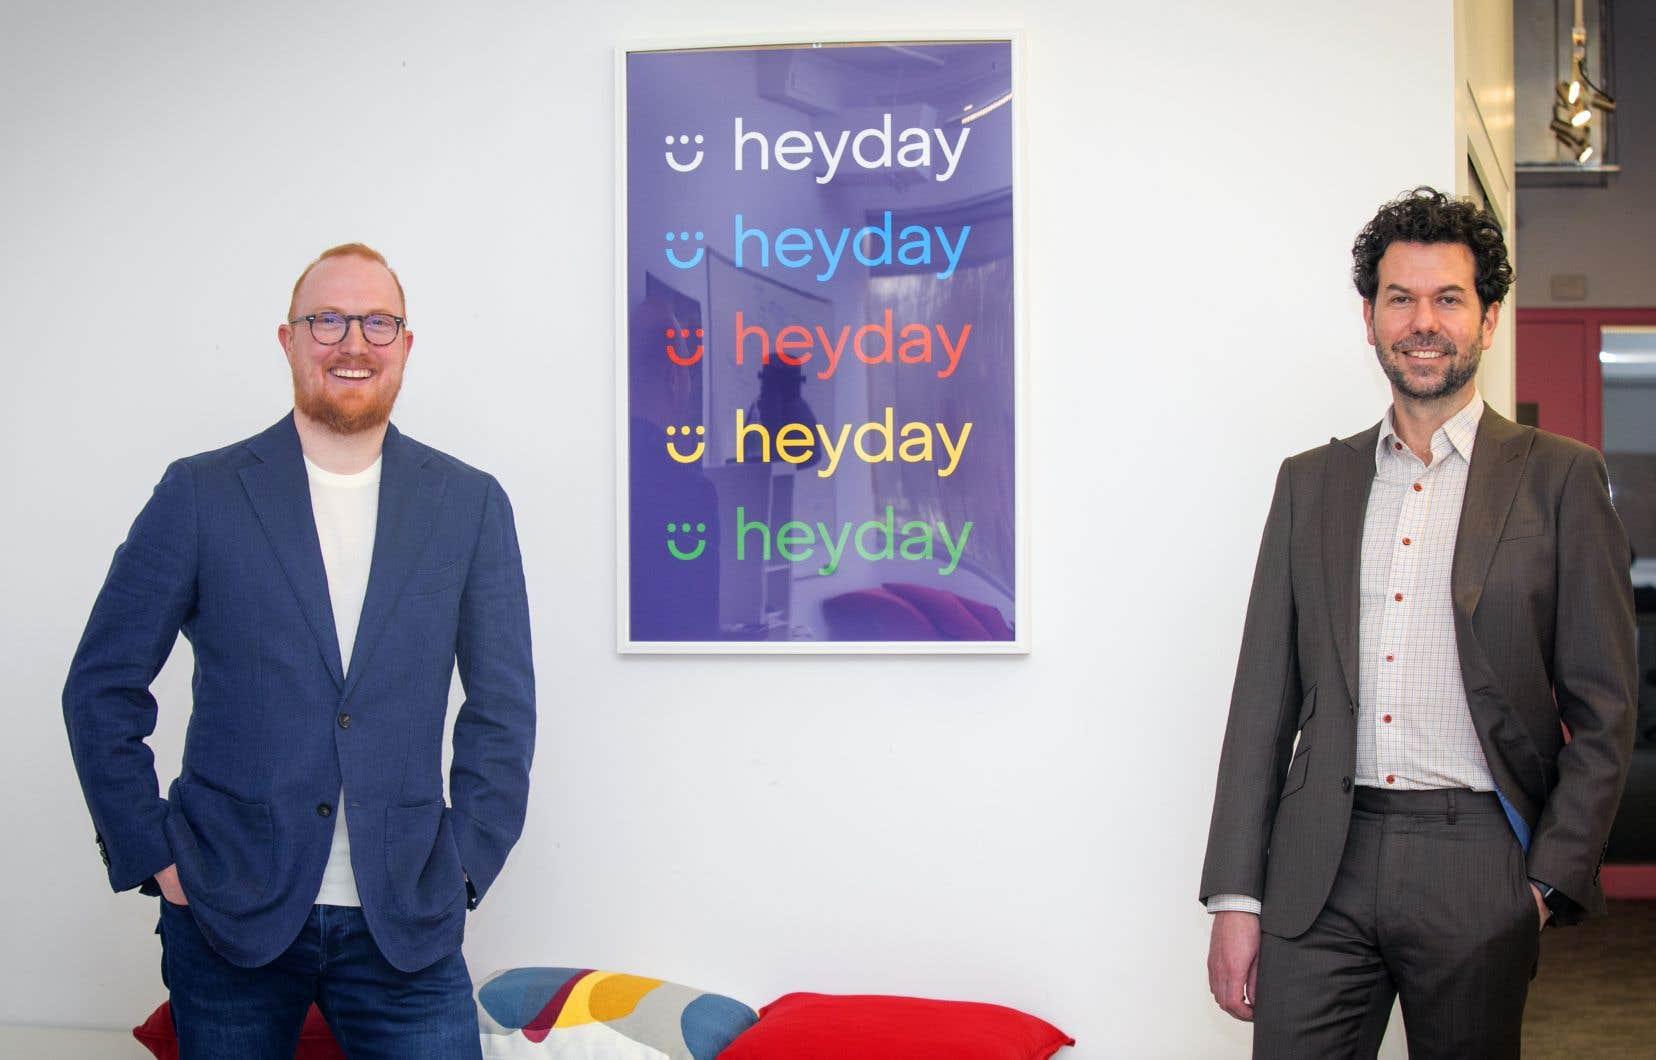 La start-up montréalaise Heyday développe une plateforme conversationnelle guidant les clients dans leur magasinage en ligne, mais également dans le service  après-vente.  Sur la photo,  les cofondateurs de l'entreprise, Étienne Mérineau et Hugues Rousseau.